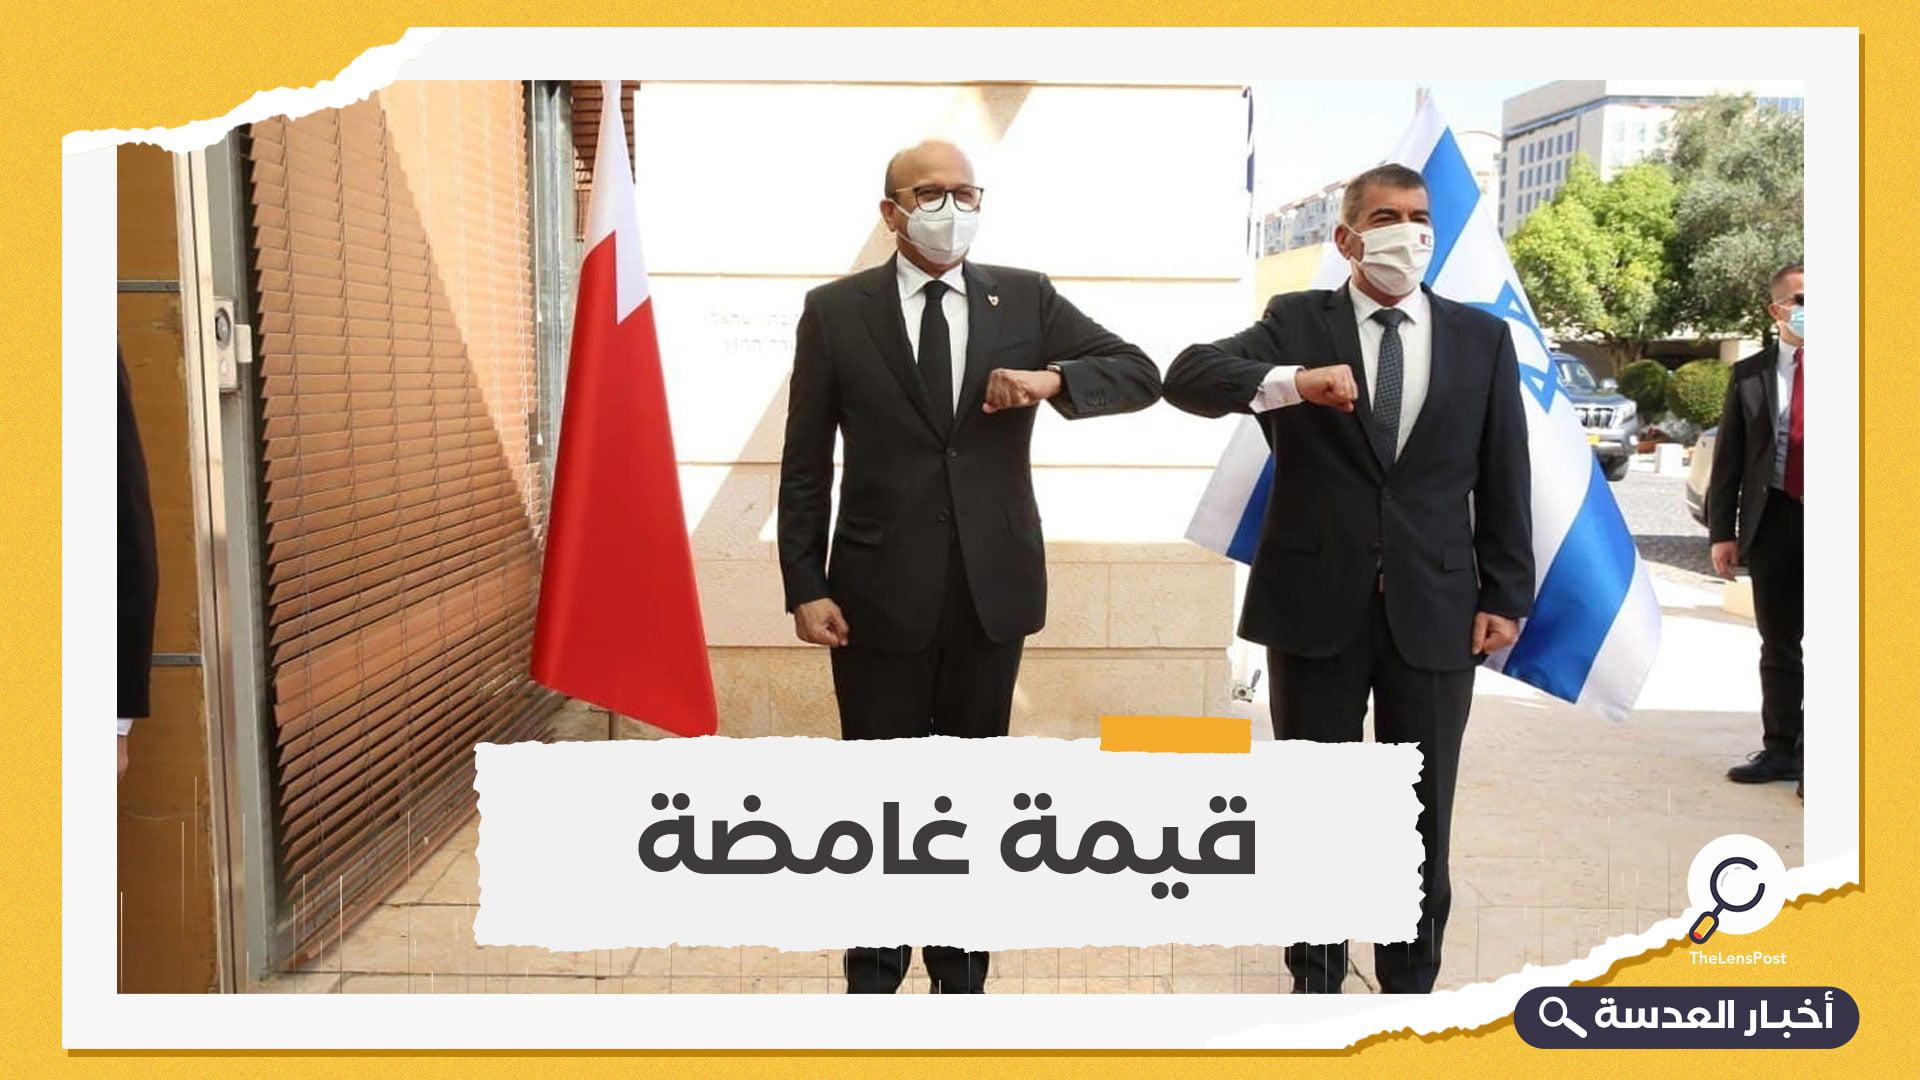 مستنقع التطبيع.. البحرين تتعاقد مع شركة إسرائيلية لتحلية مياه البحر المالحة